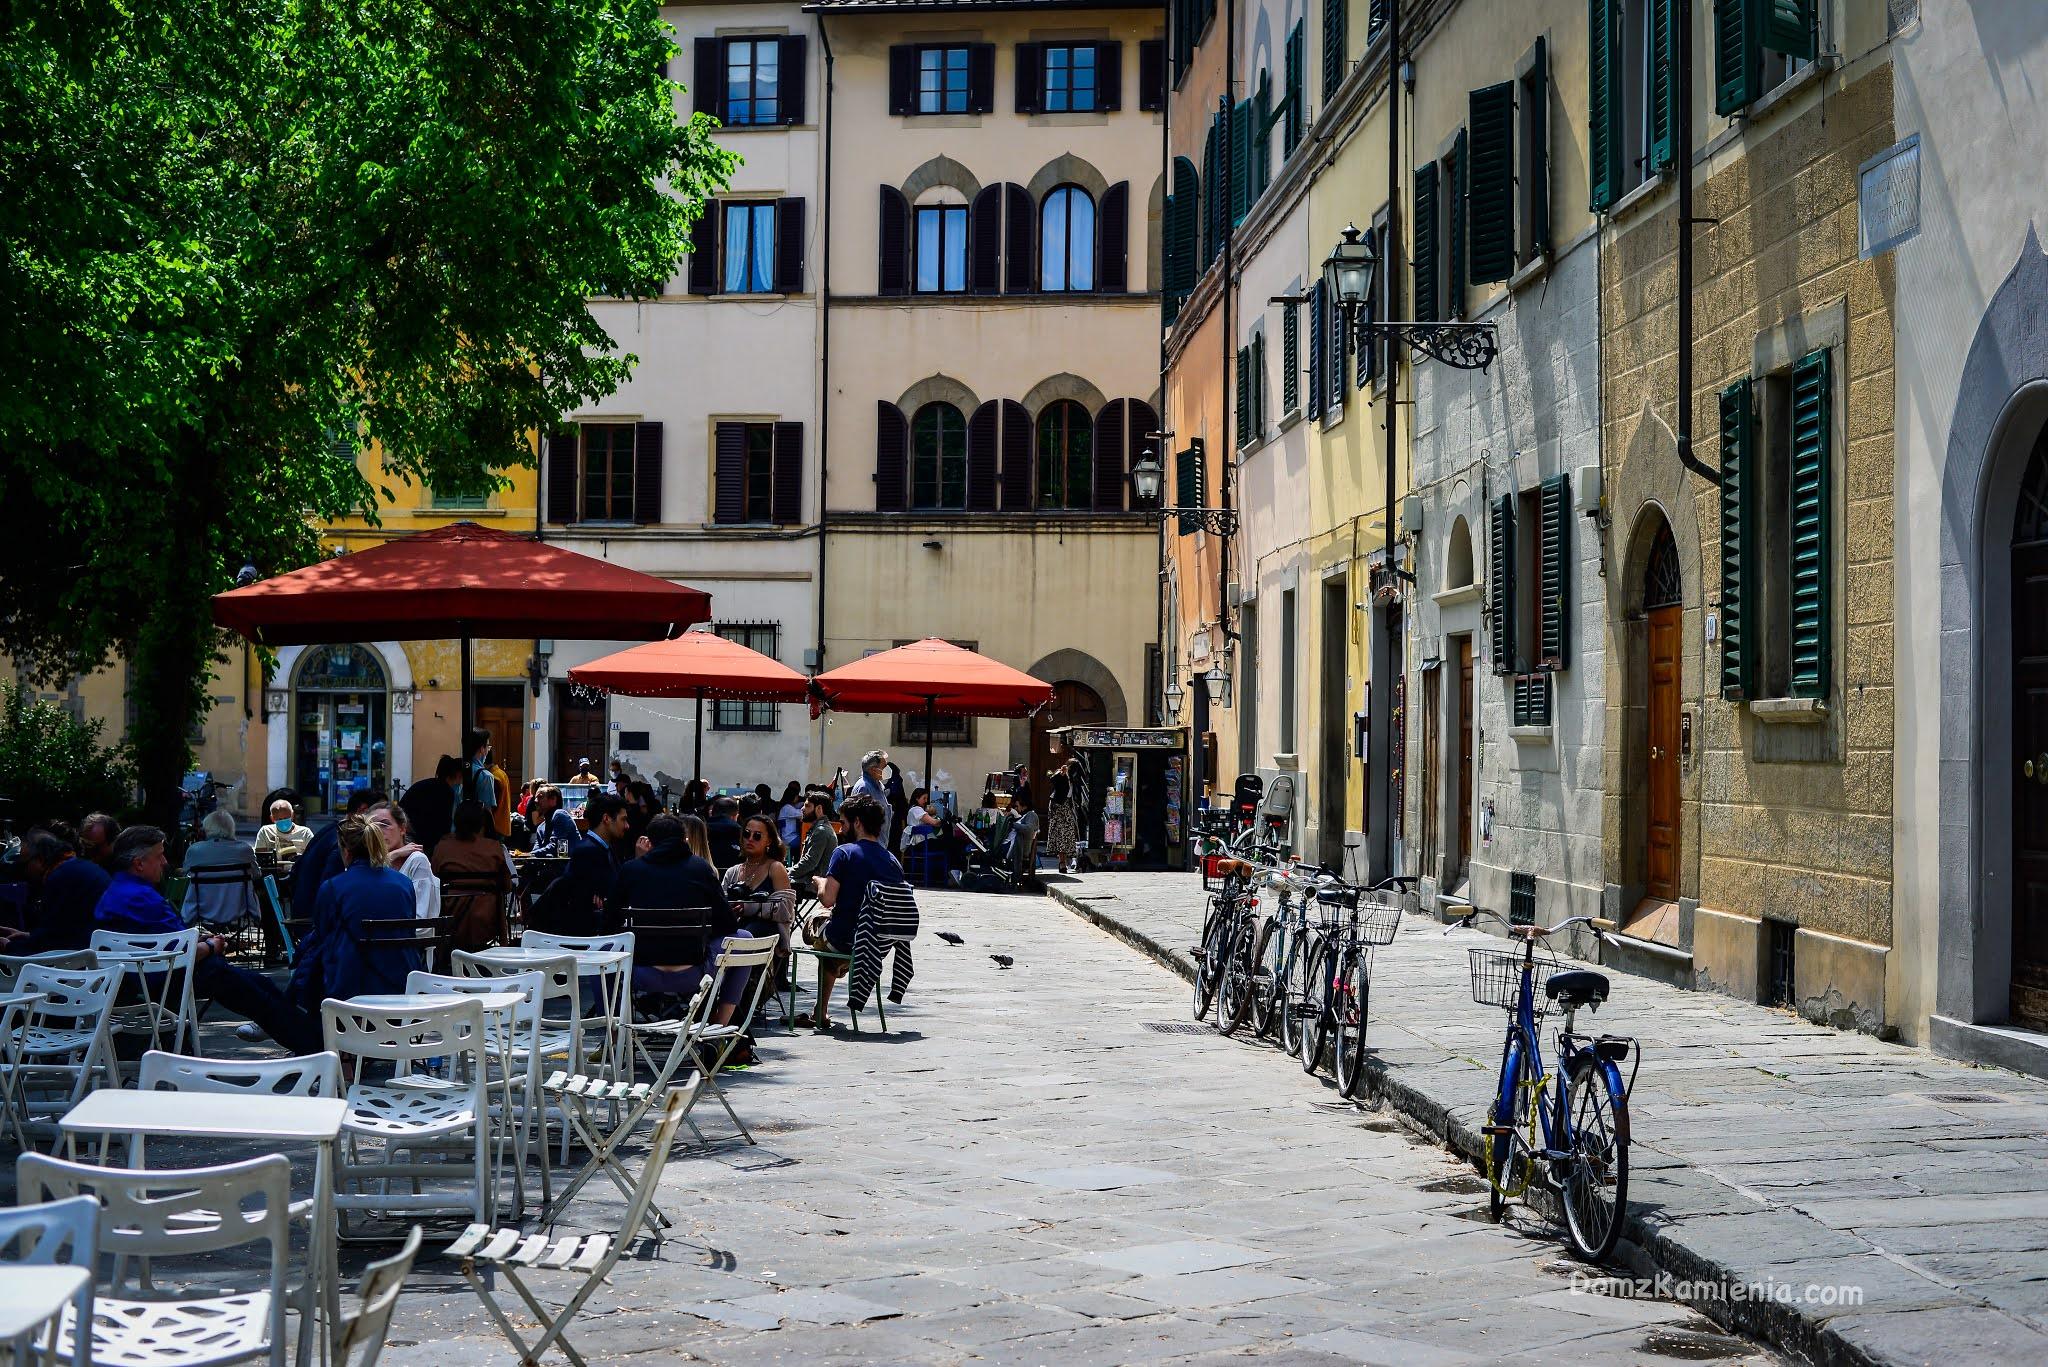 Dom z Kamienia, blog o życiu w Toskanii, spacery po Florencji